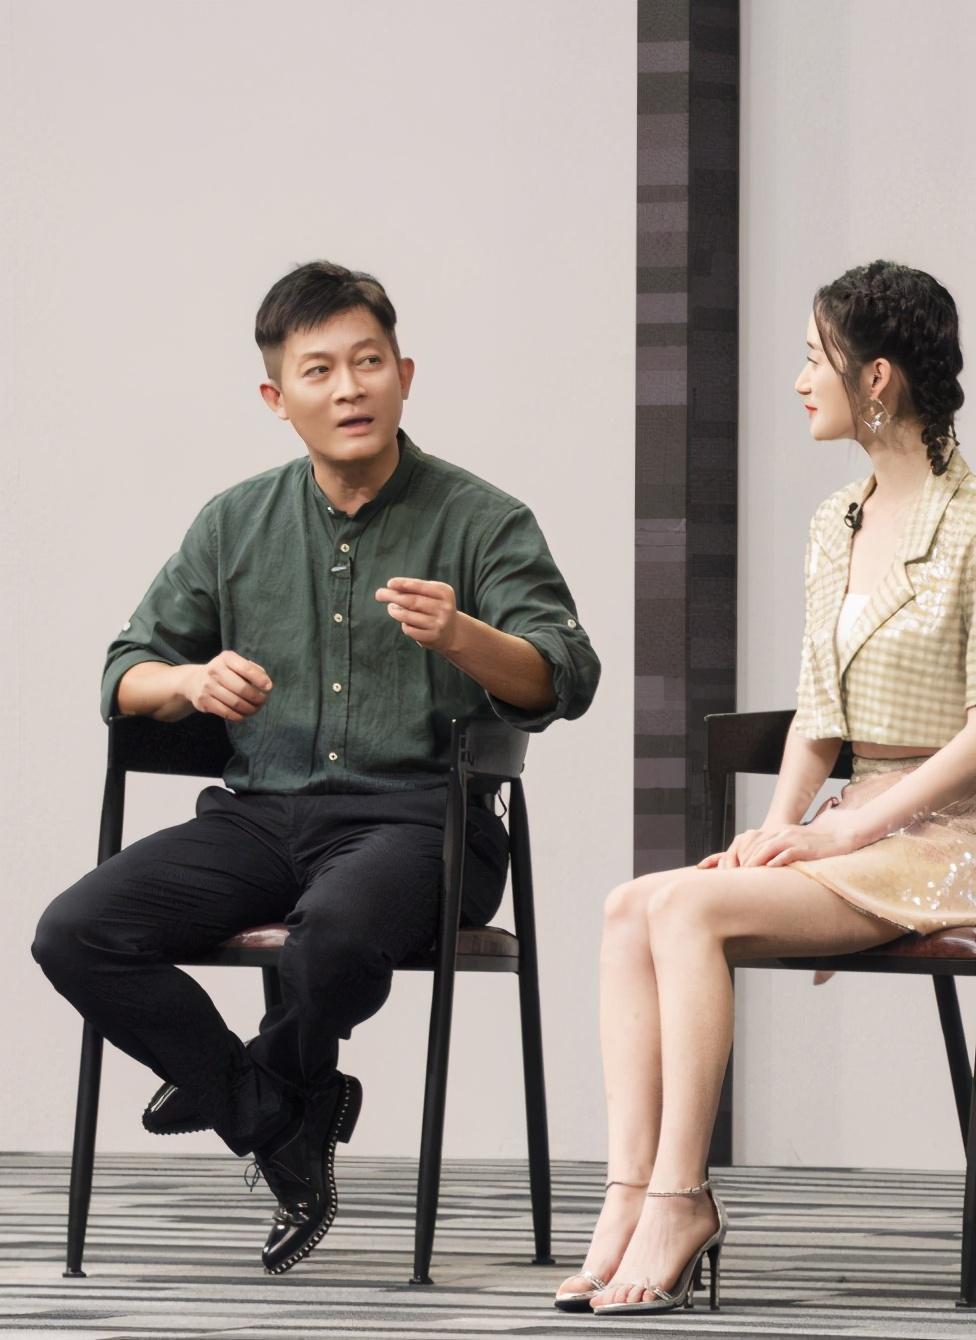 反差太大!抗日剧一哥杨志刚曾是芭蕾舞蹈家,爸爸们听完都愣住